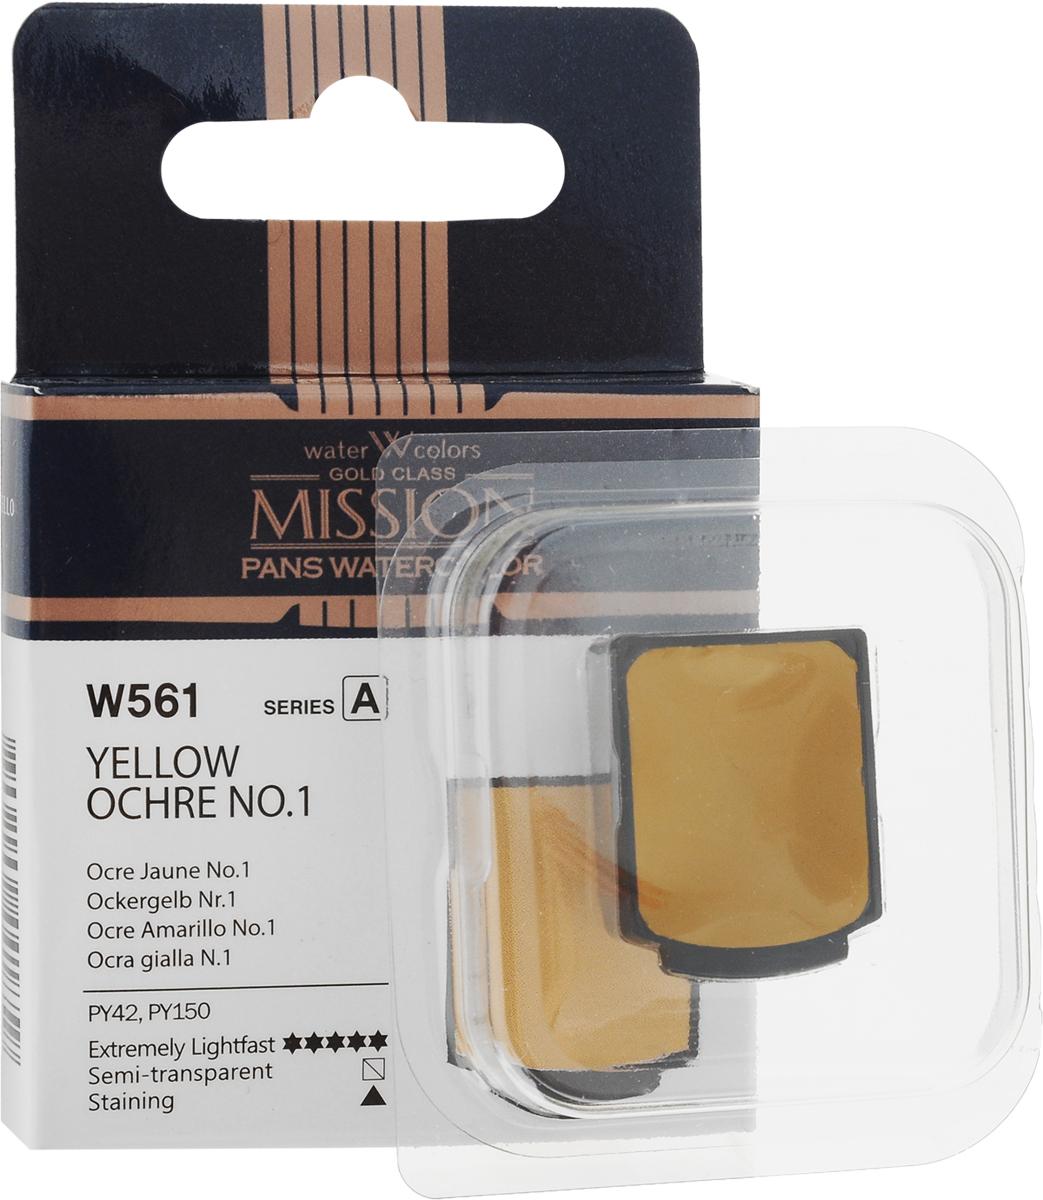 Фото - Mijello Акварель Mission Gold Pan W561 Охра желтая 2 мл MPW-W561 блок питания accord atx 1000w gold acc 1000w 80g 80 gold 24 8 4 4pin apfc 140mm fan 7xsata rtl